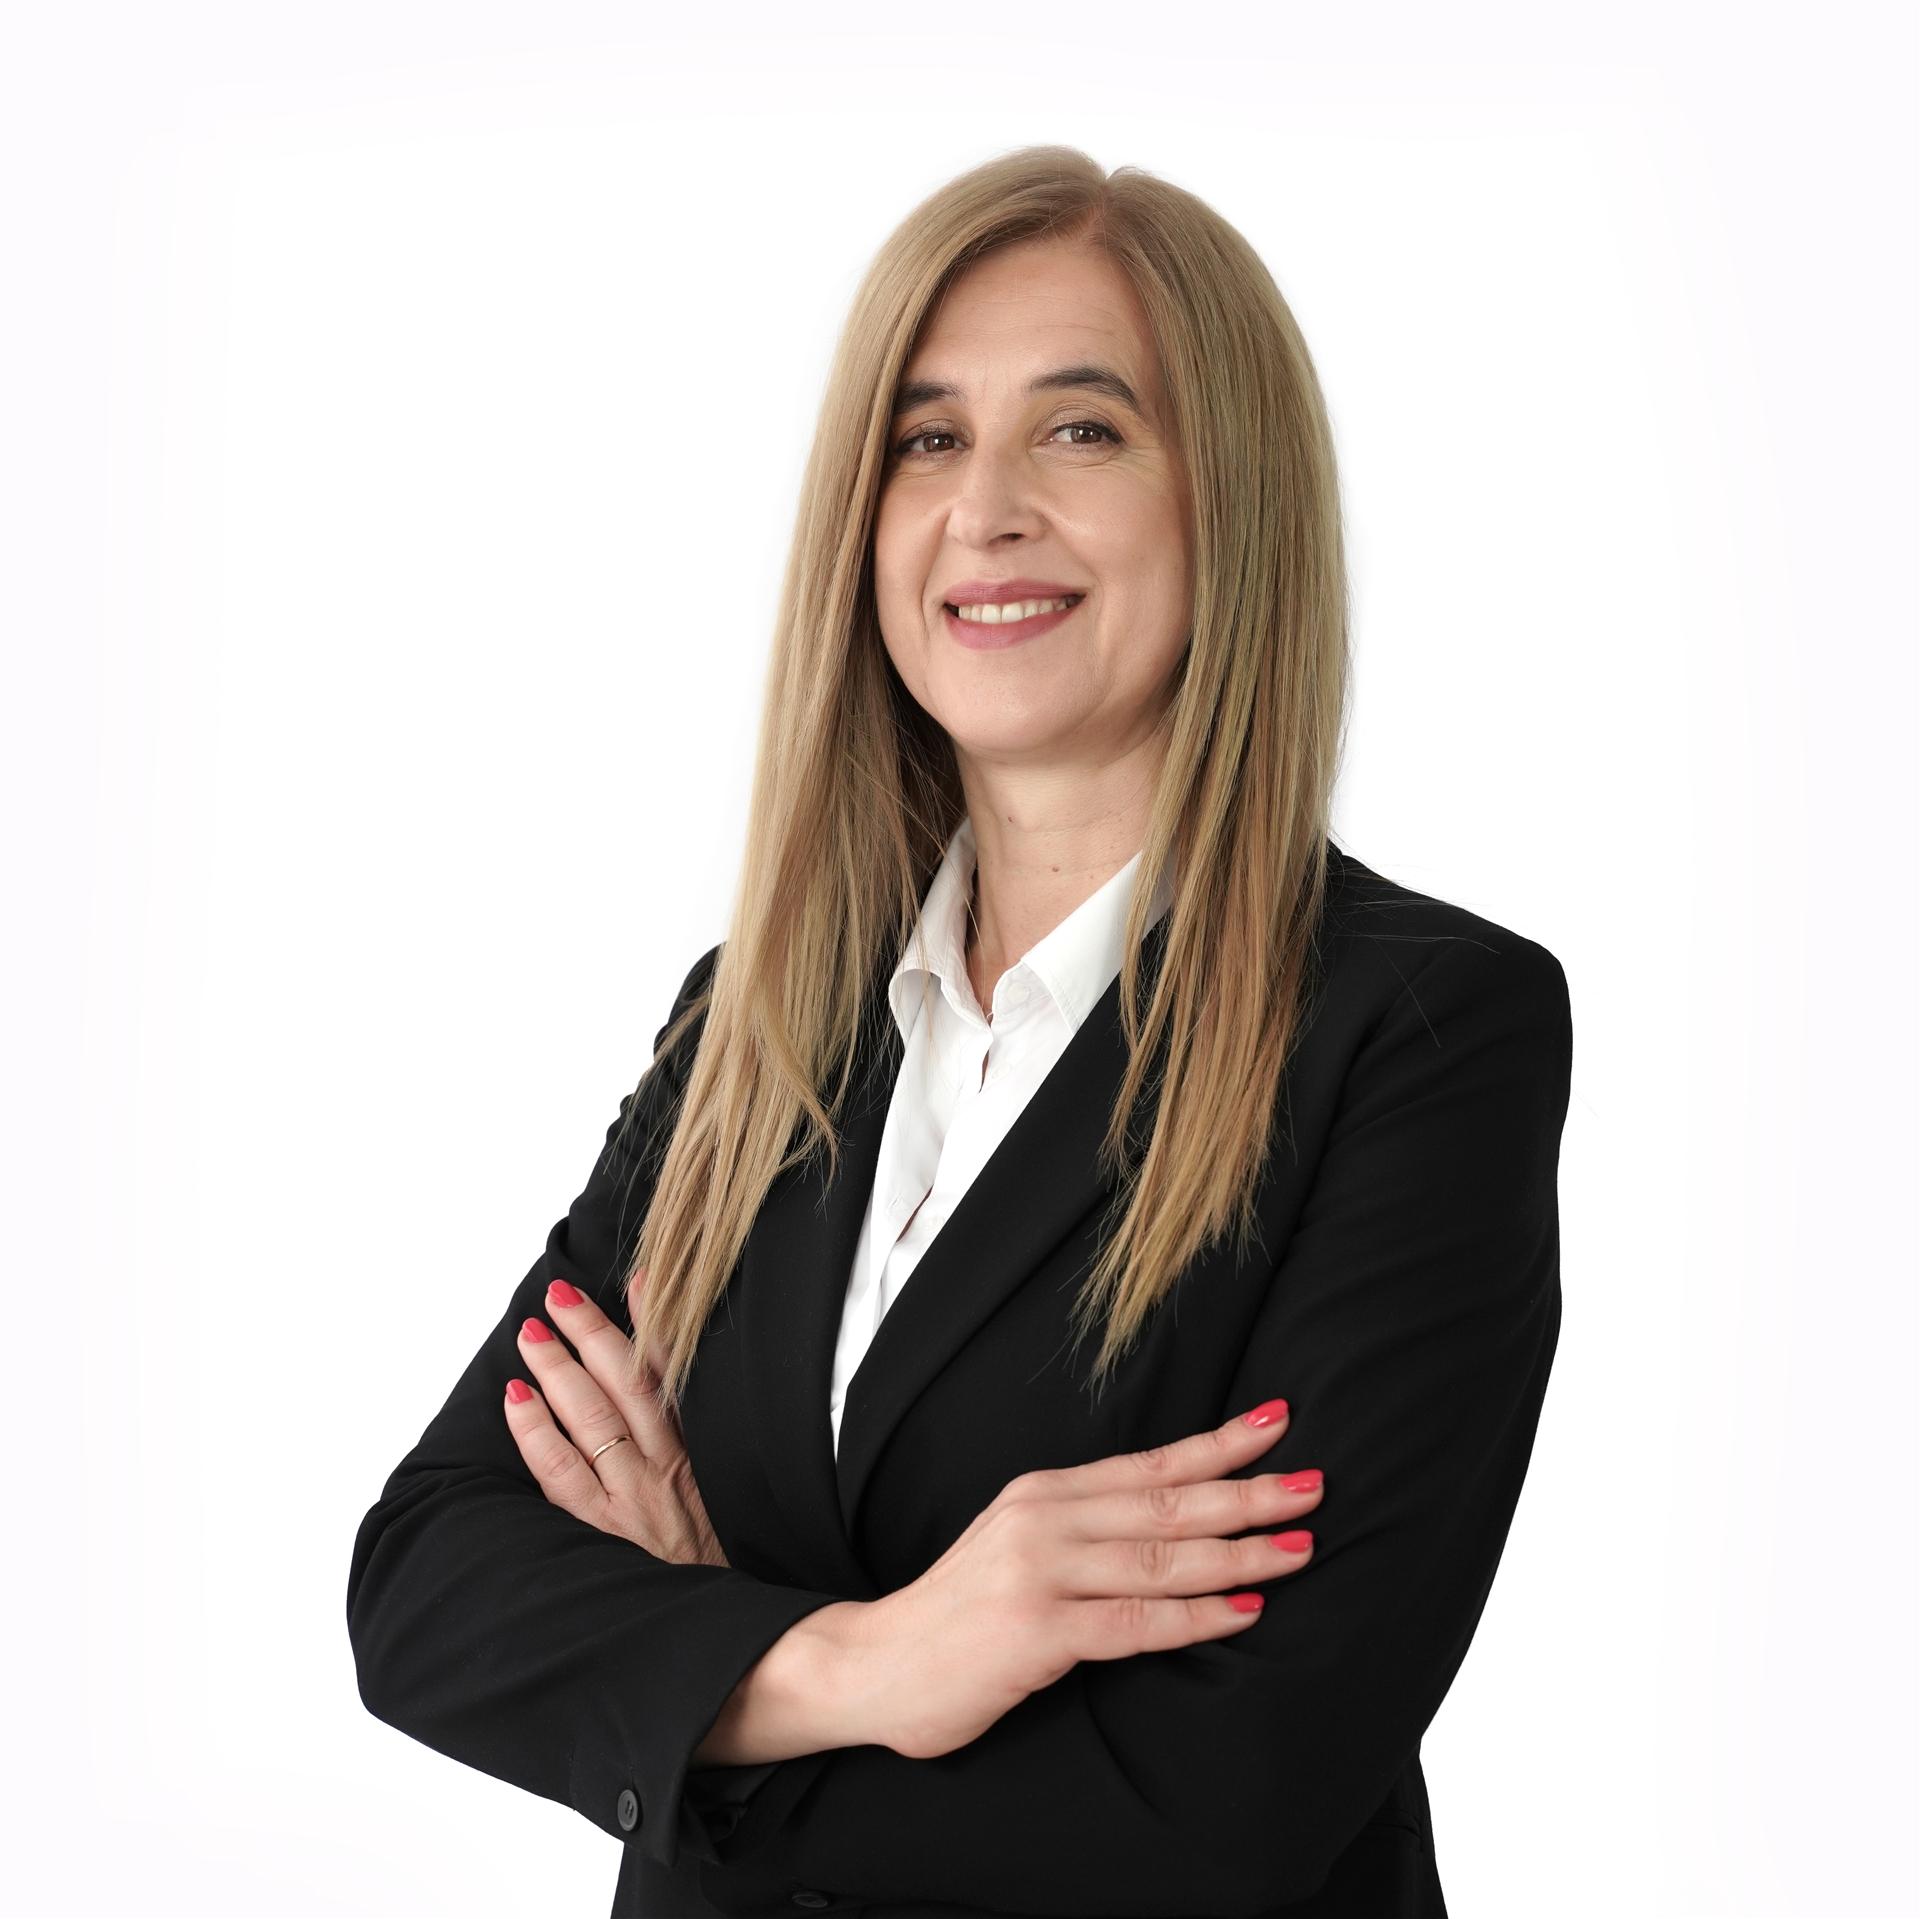 Celeste Lima